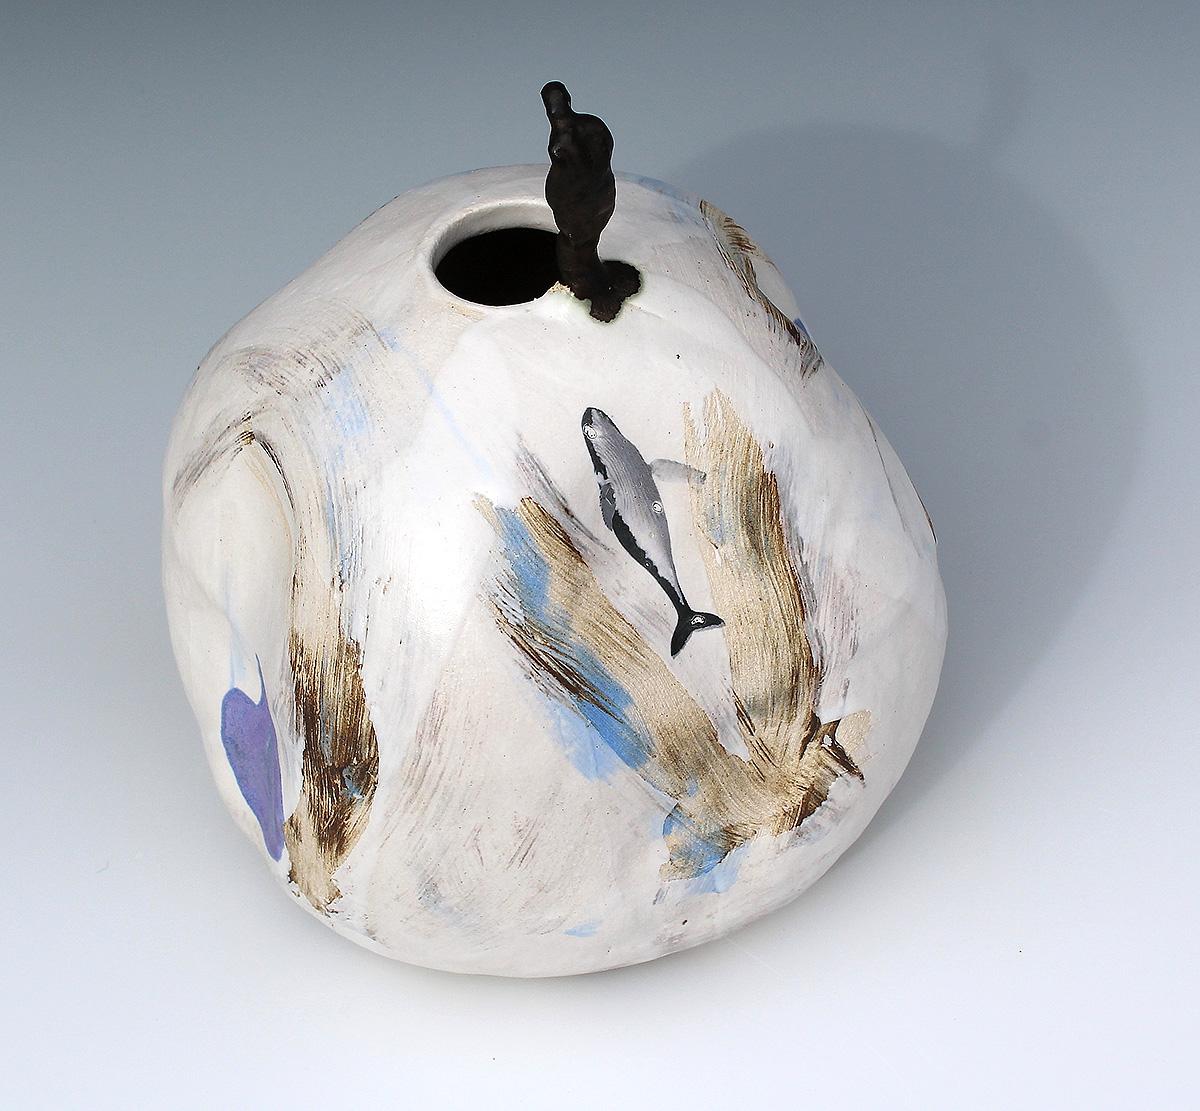 Leonie MacMillan, 'Contemplating The Void', ceramic stoneware, photographic decals